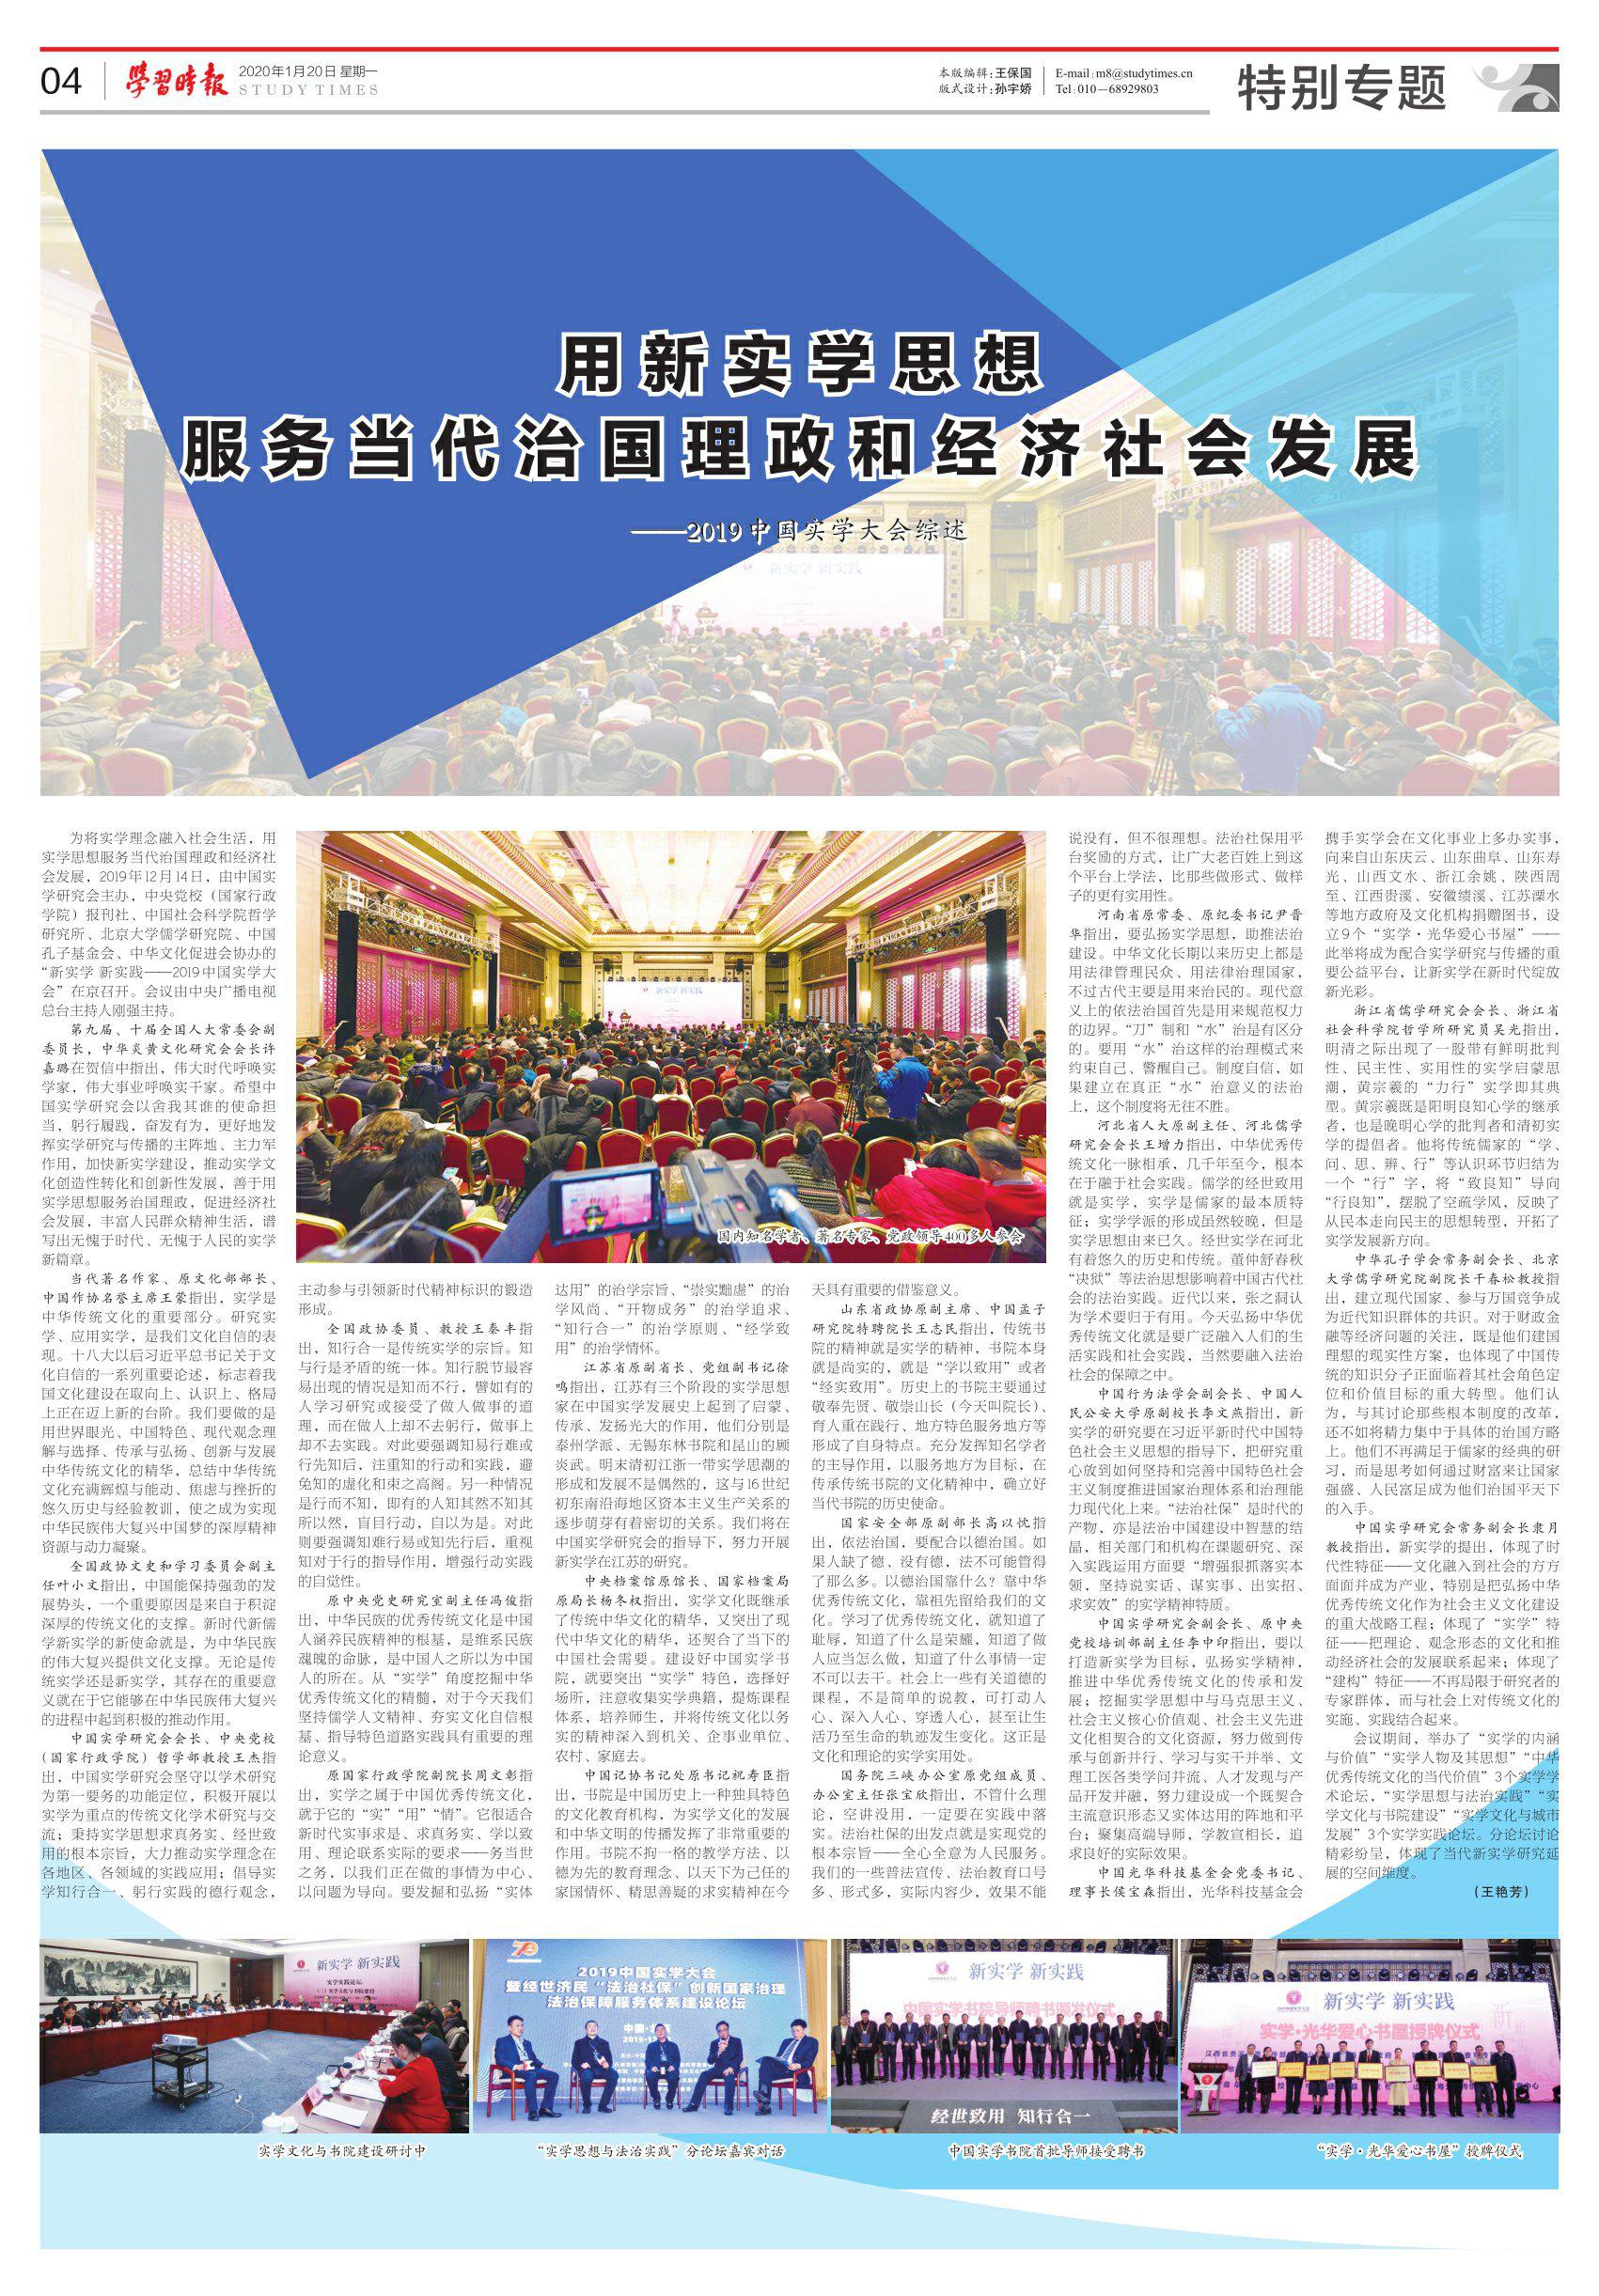 王艳芳:《学习时报》整版报道2019中国实学大会